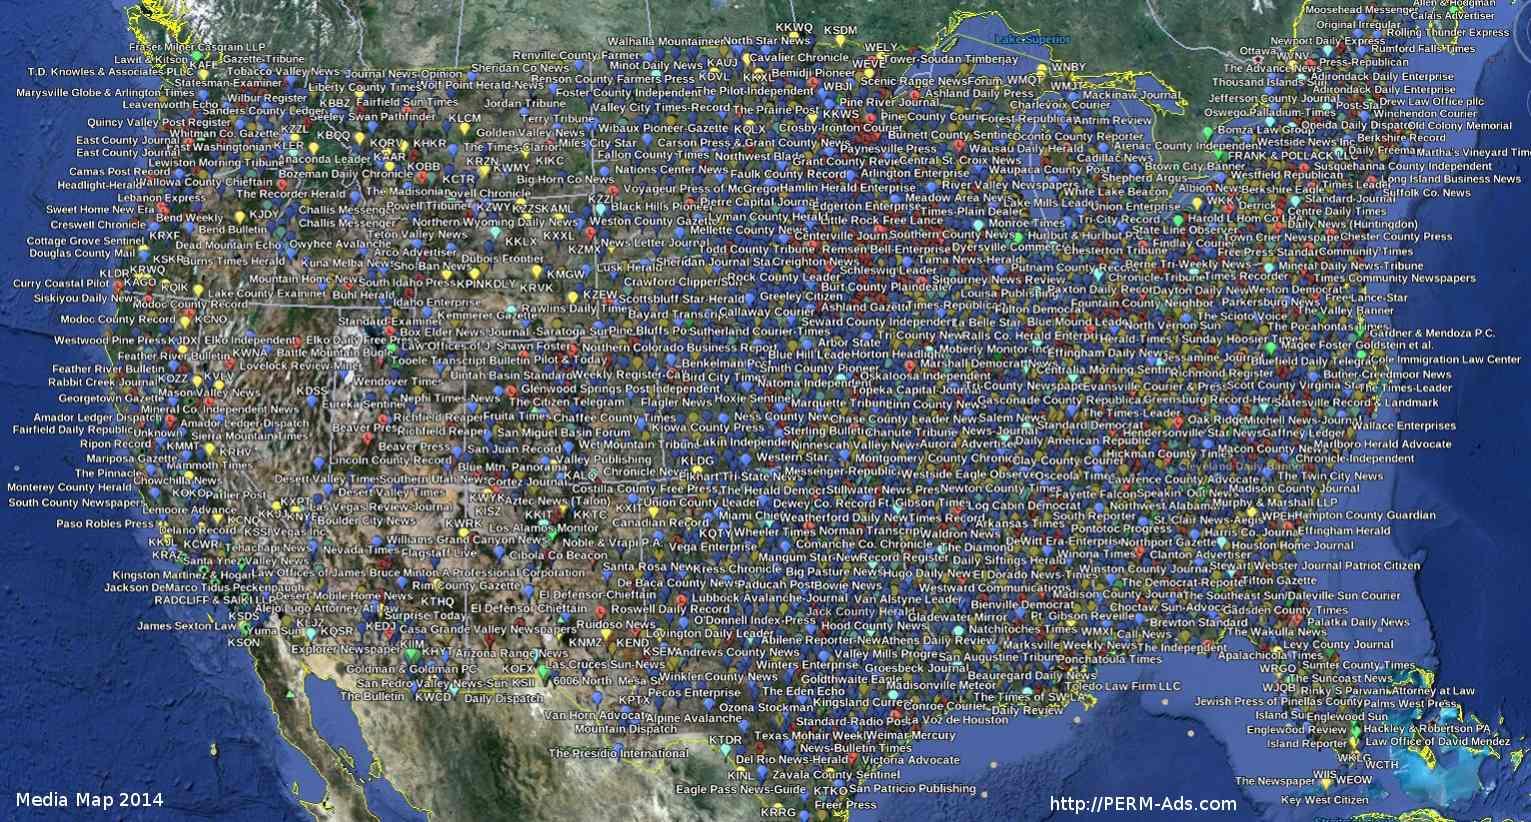 PERM-Ads.com Media Map